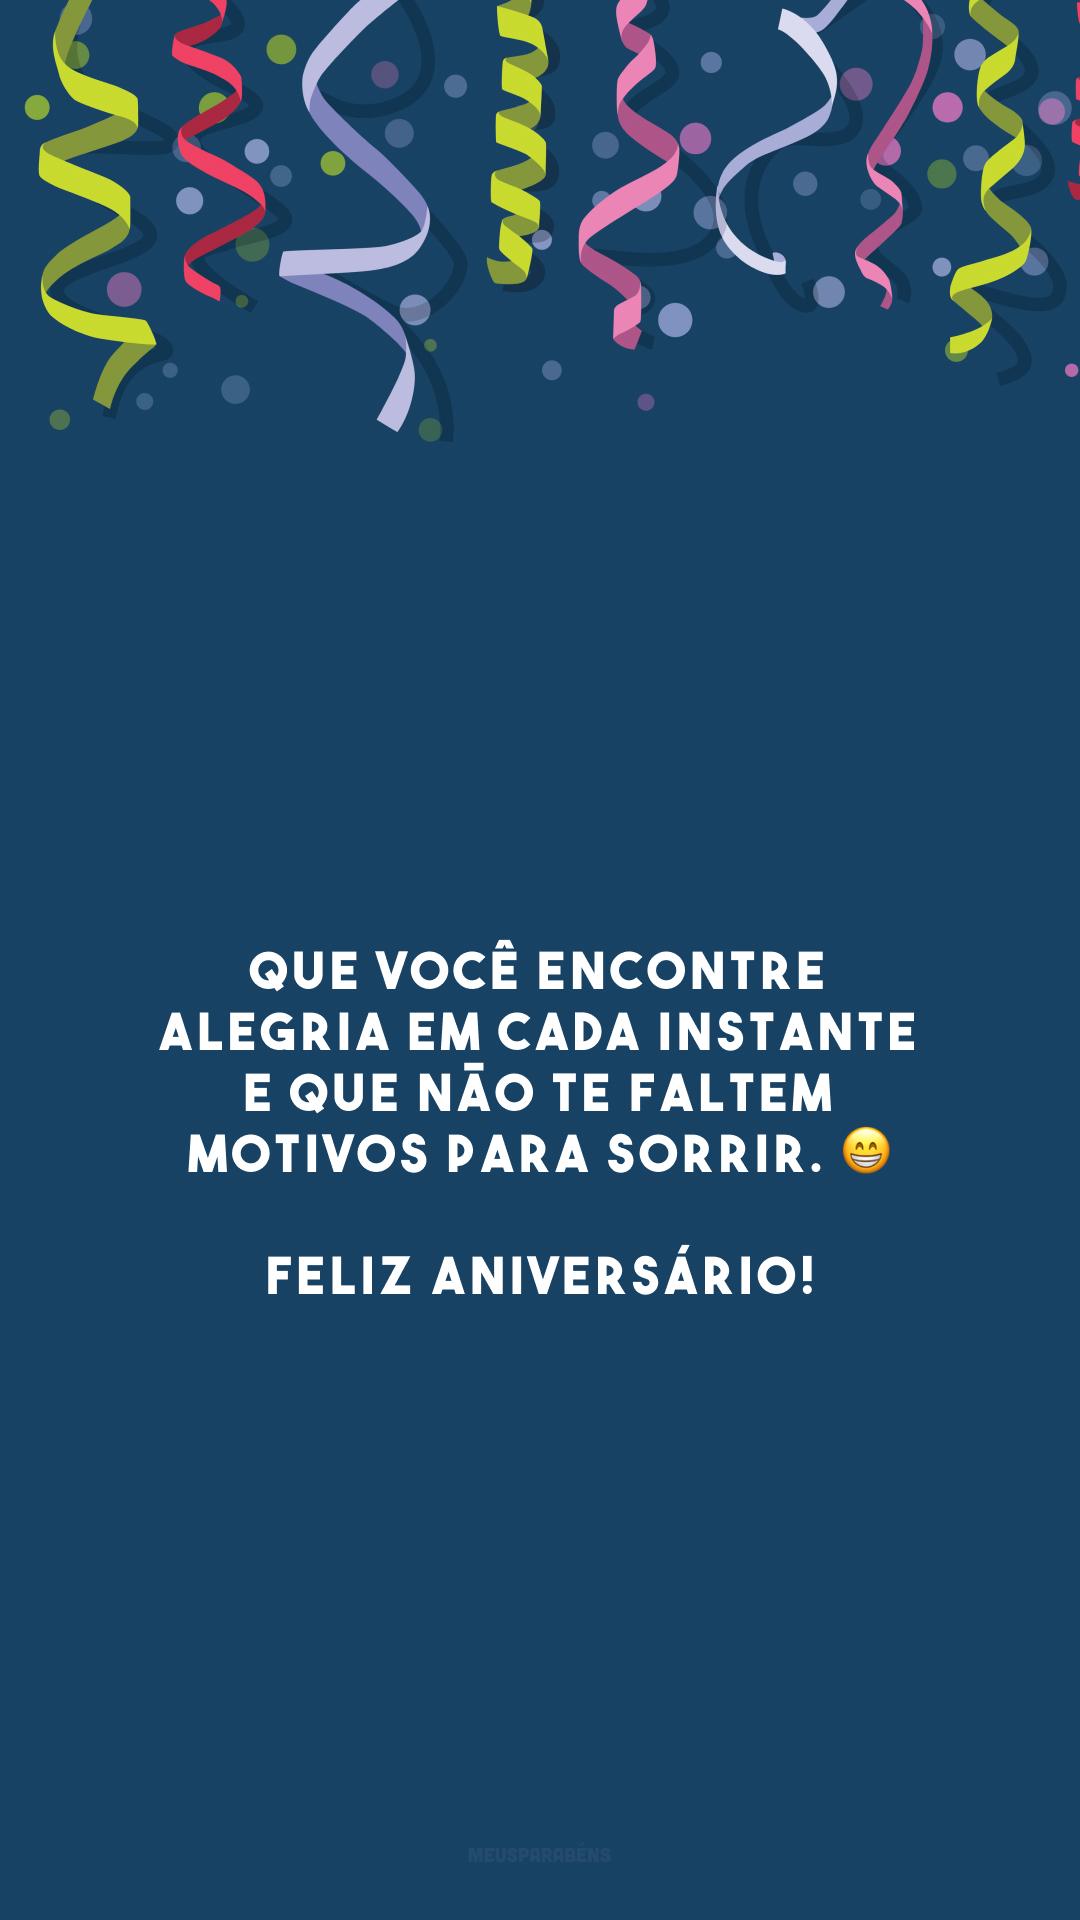 Que você encontre alegria em cada instante e que não te faltem motivos para sorrir. 😁 Feliz aniversário!